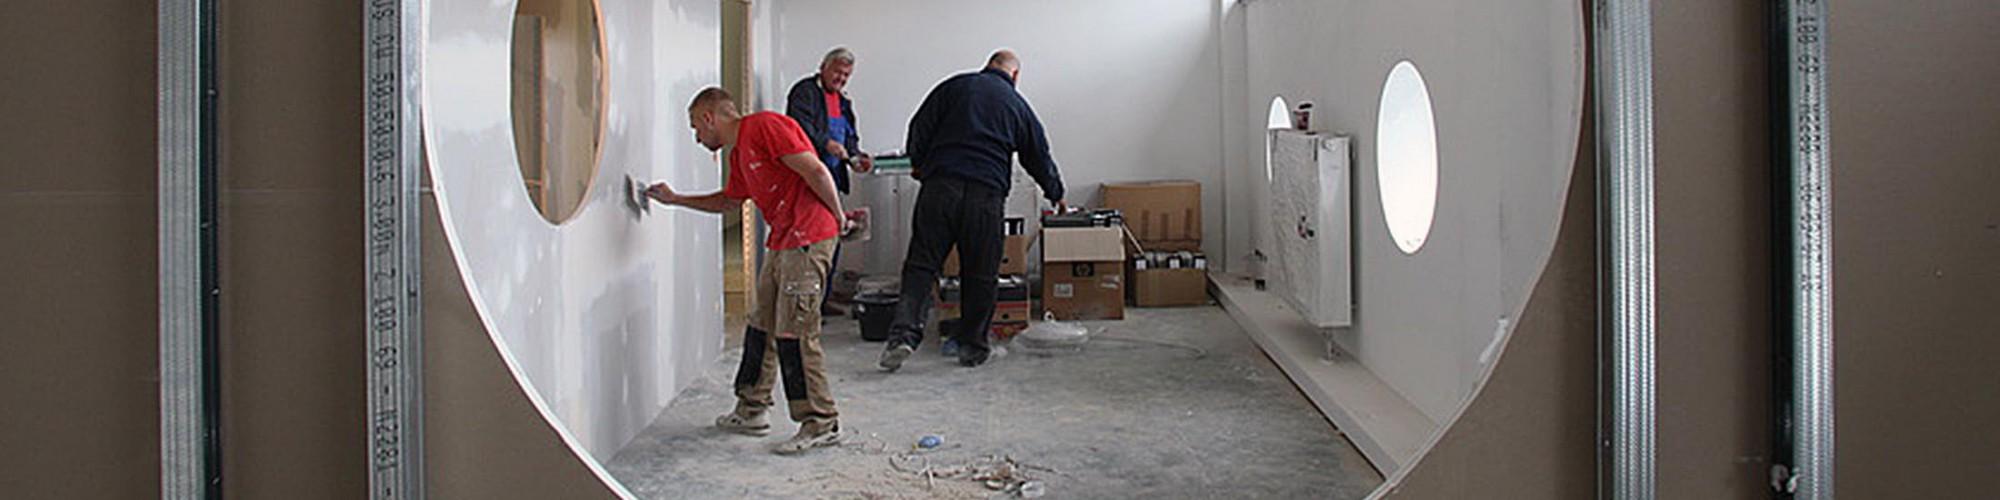 anti-schall - Wenn es um Schallschutz und Schalldämmung in Gebäuden geht, sind wir Ihr Partner